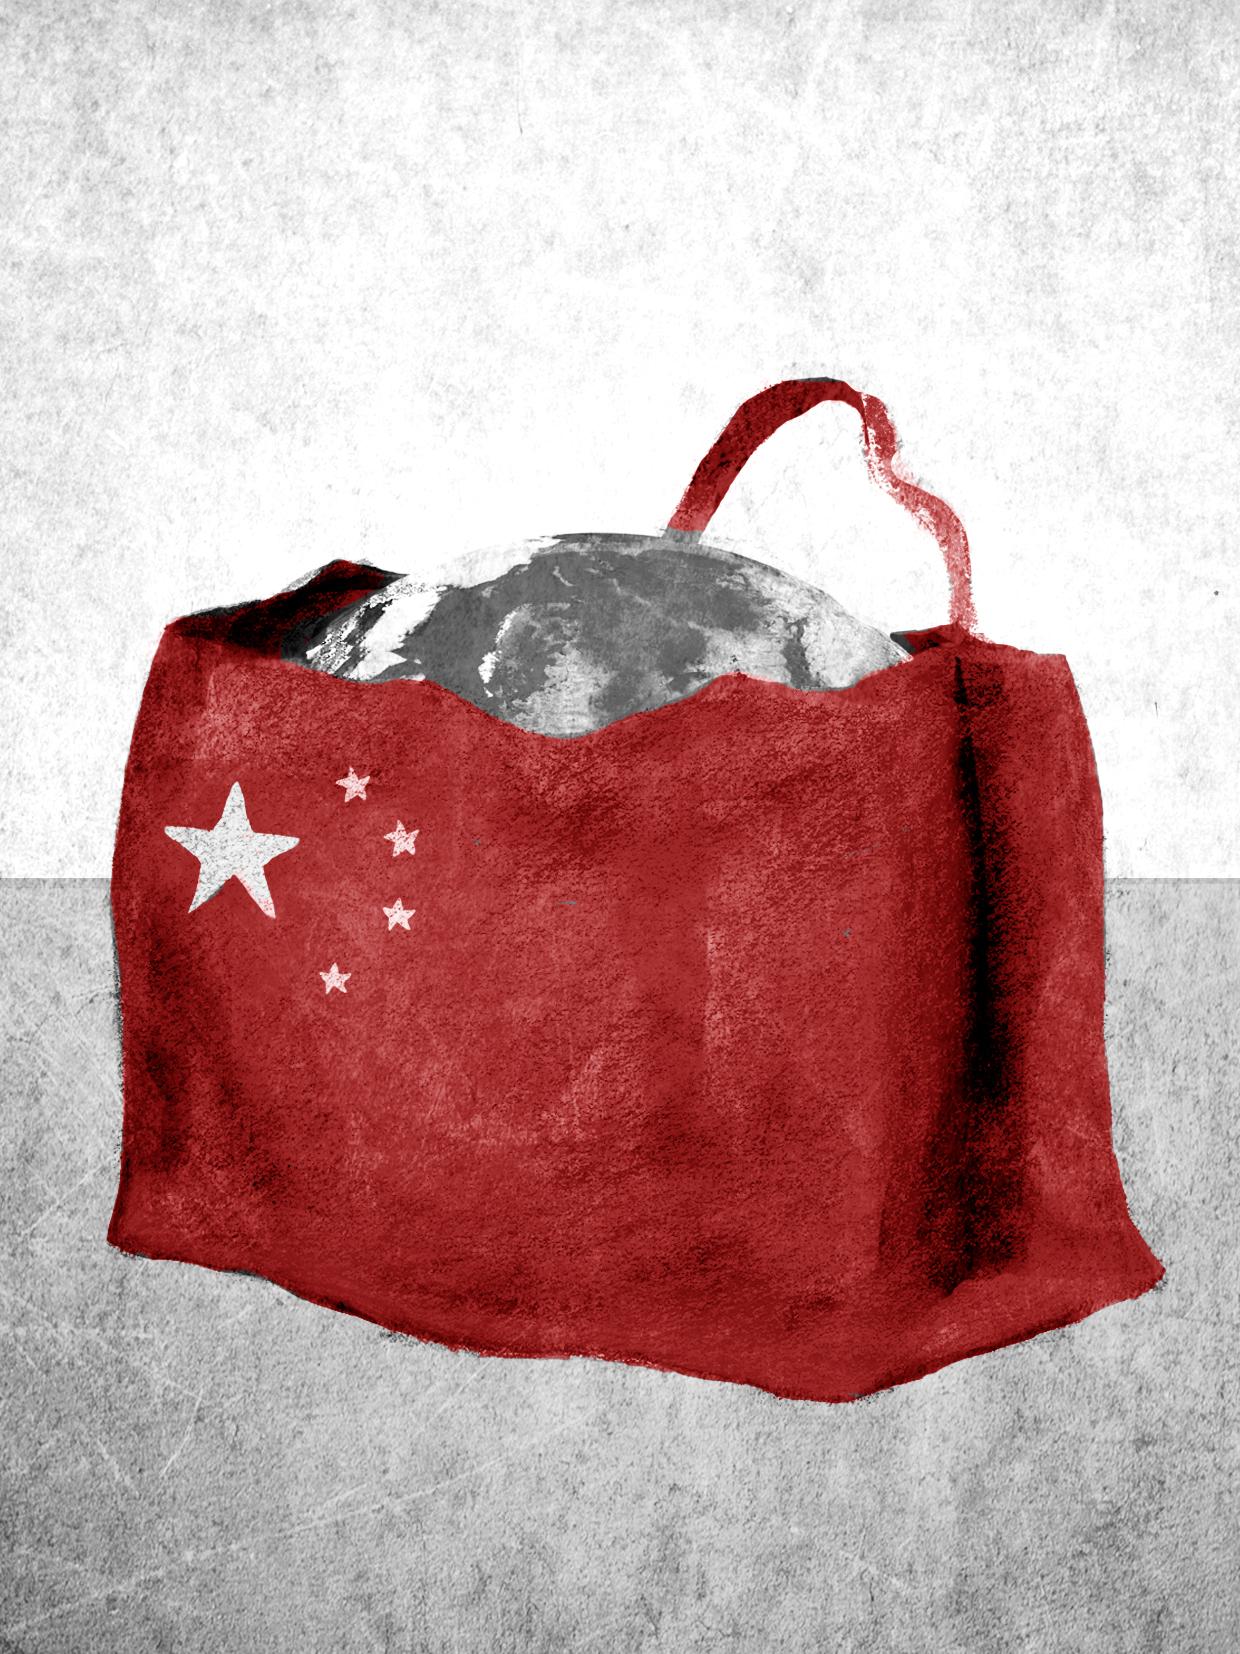 La Cina invade il mondo